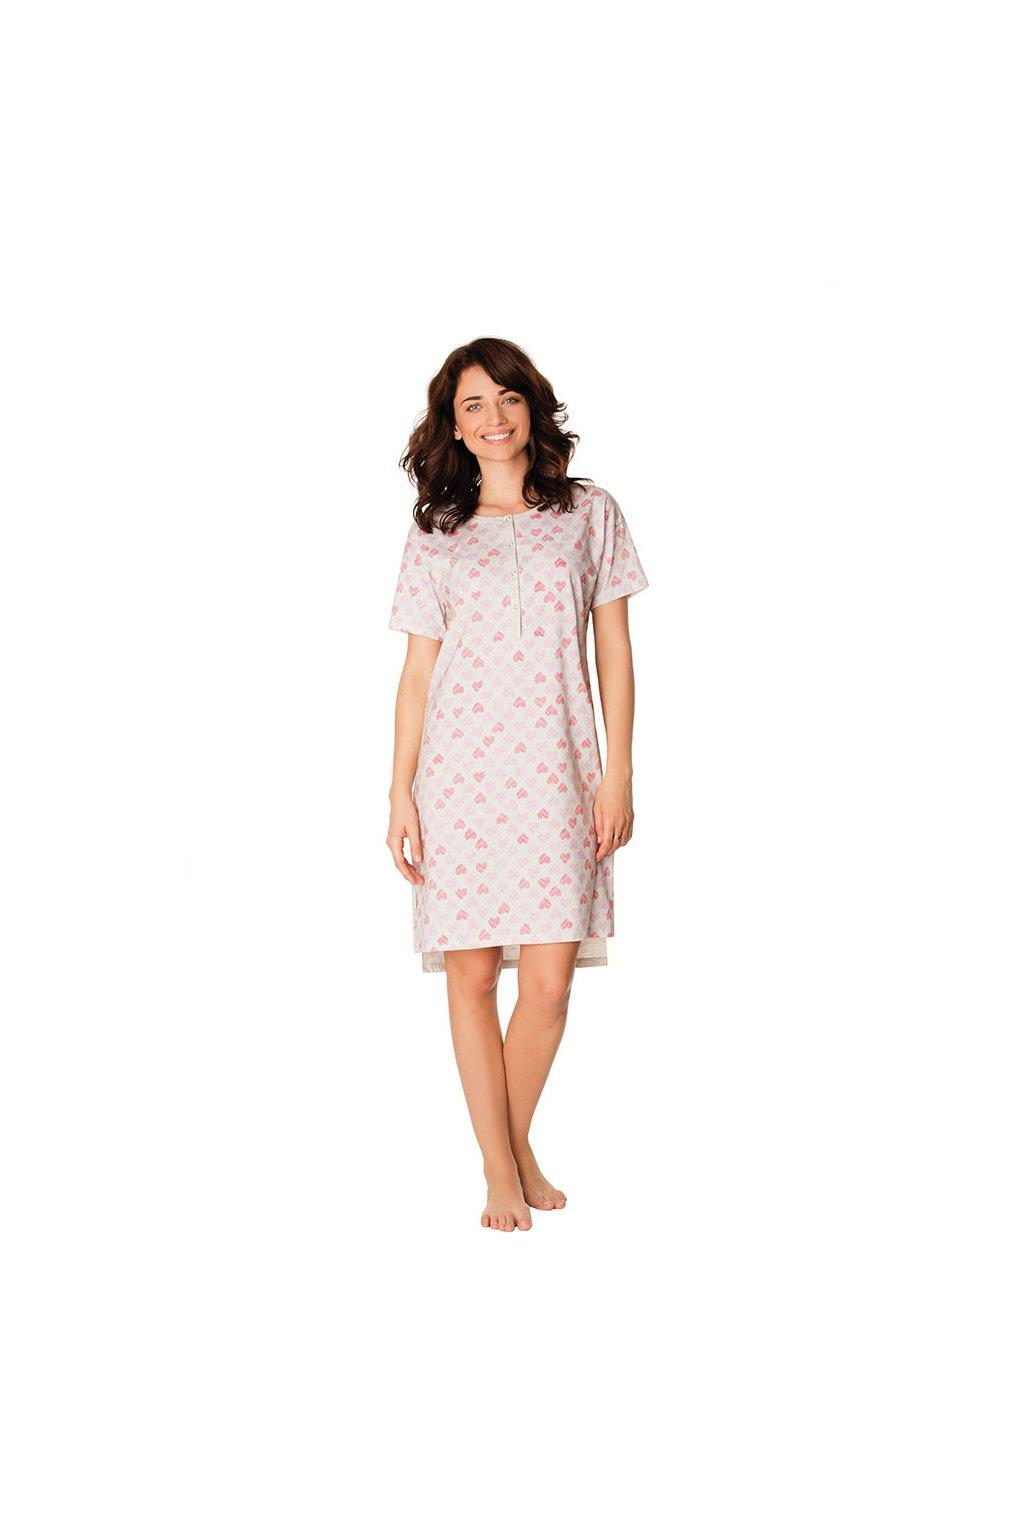 Dámská noční košile s krátkým rukávem, 104444 434, šedý melír